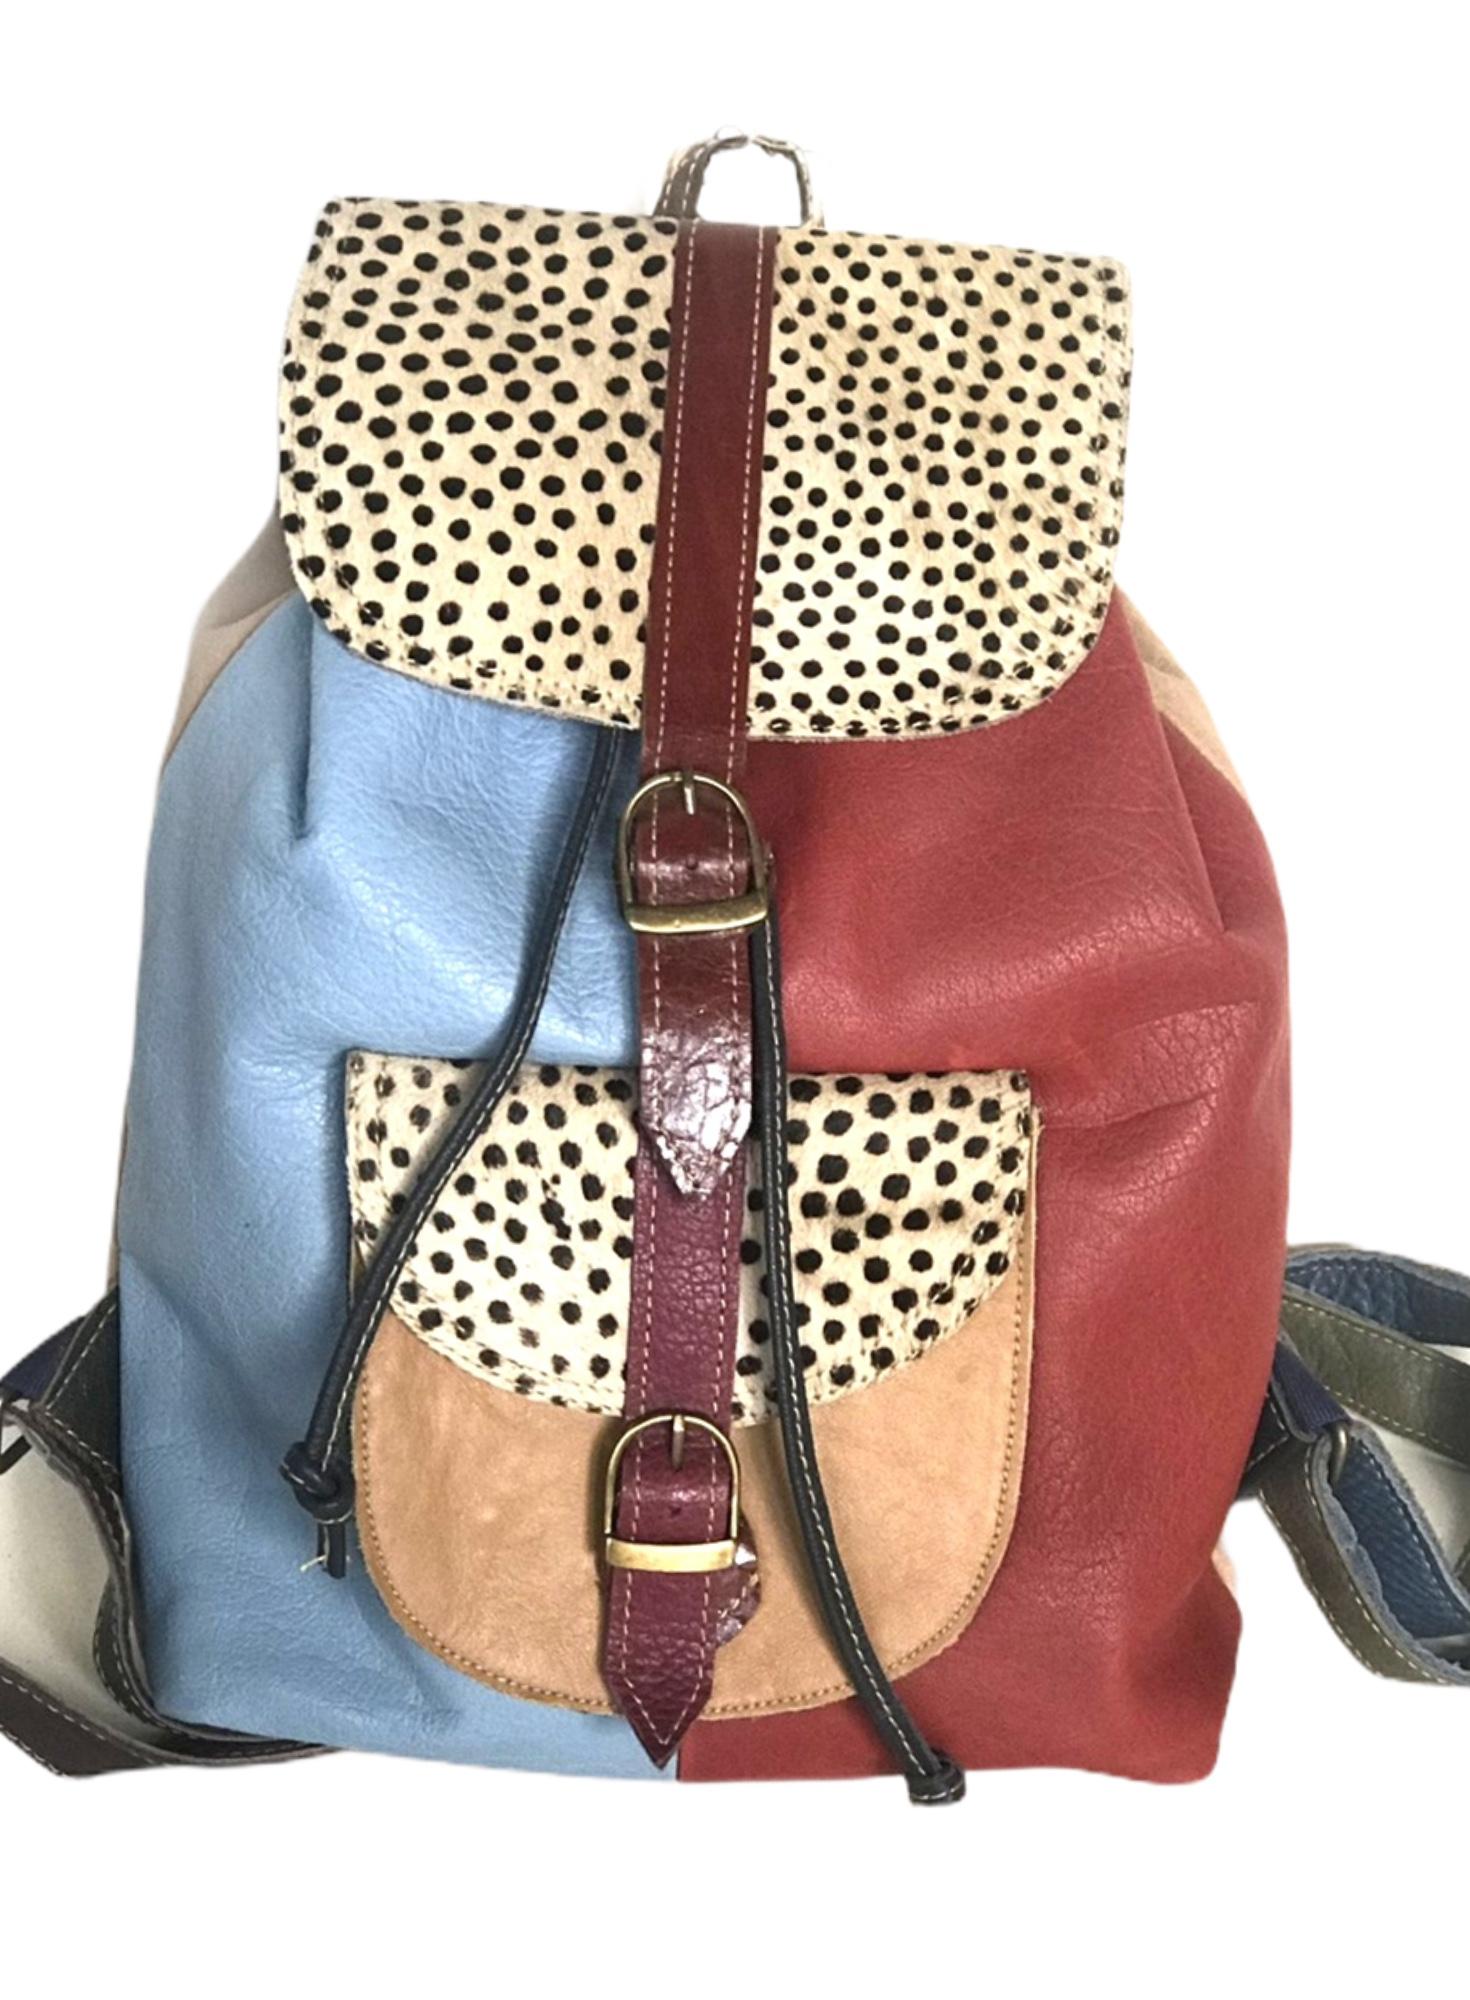 mochila de piel animal print con combinación de colores azul y rojo